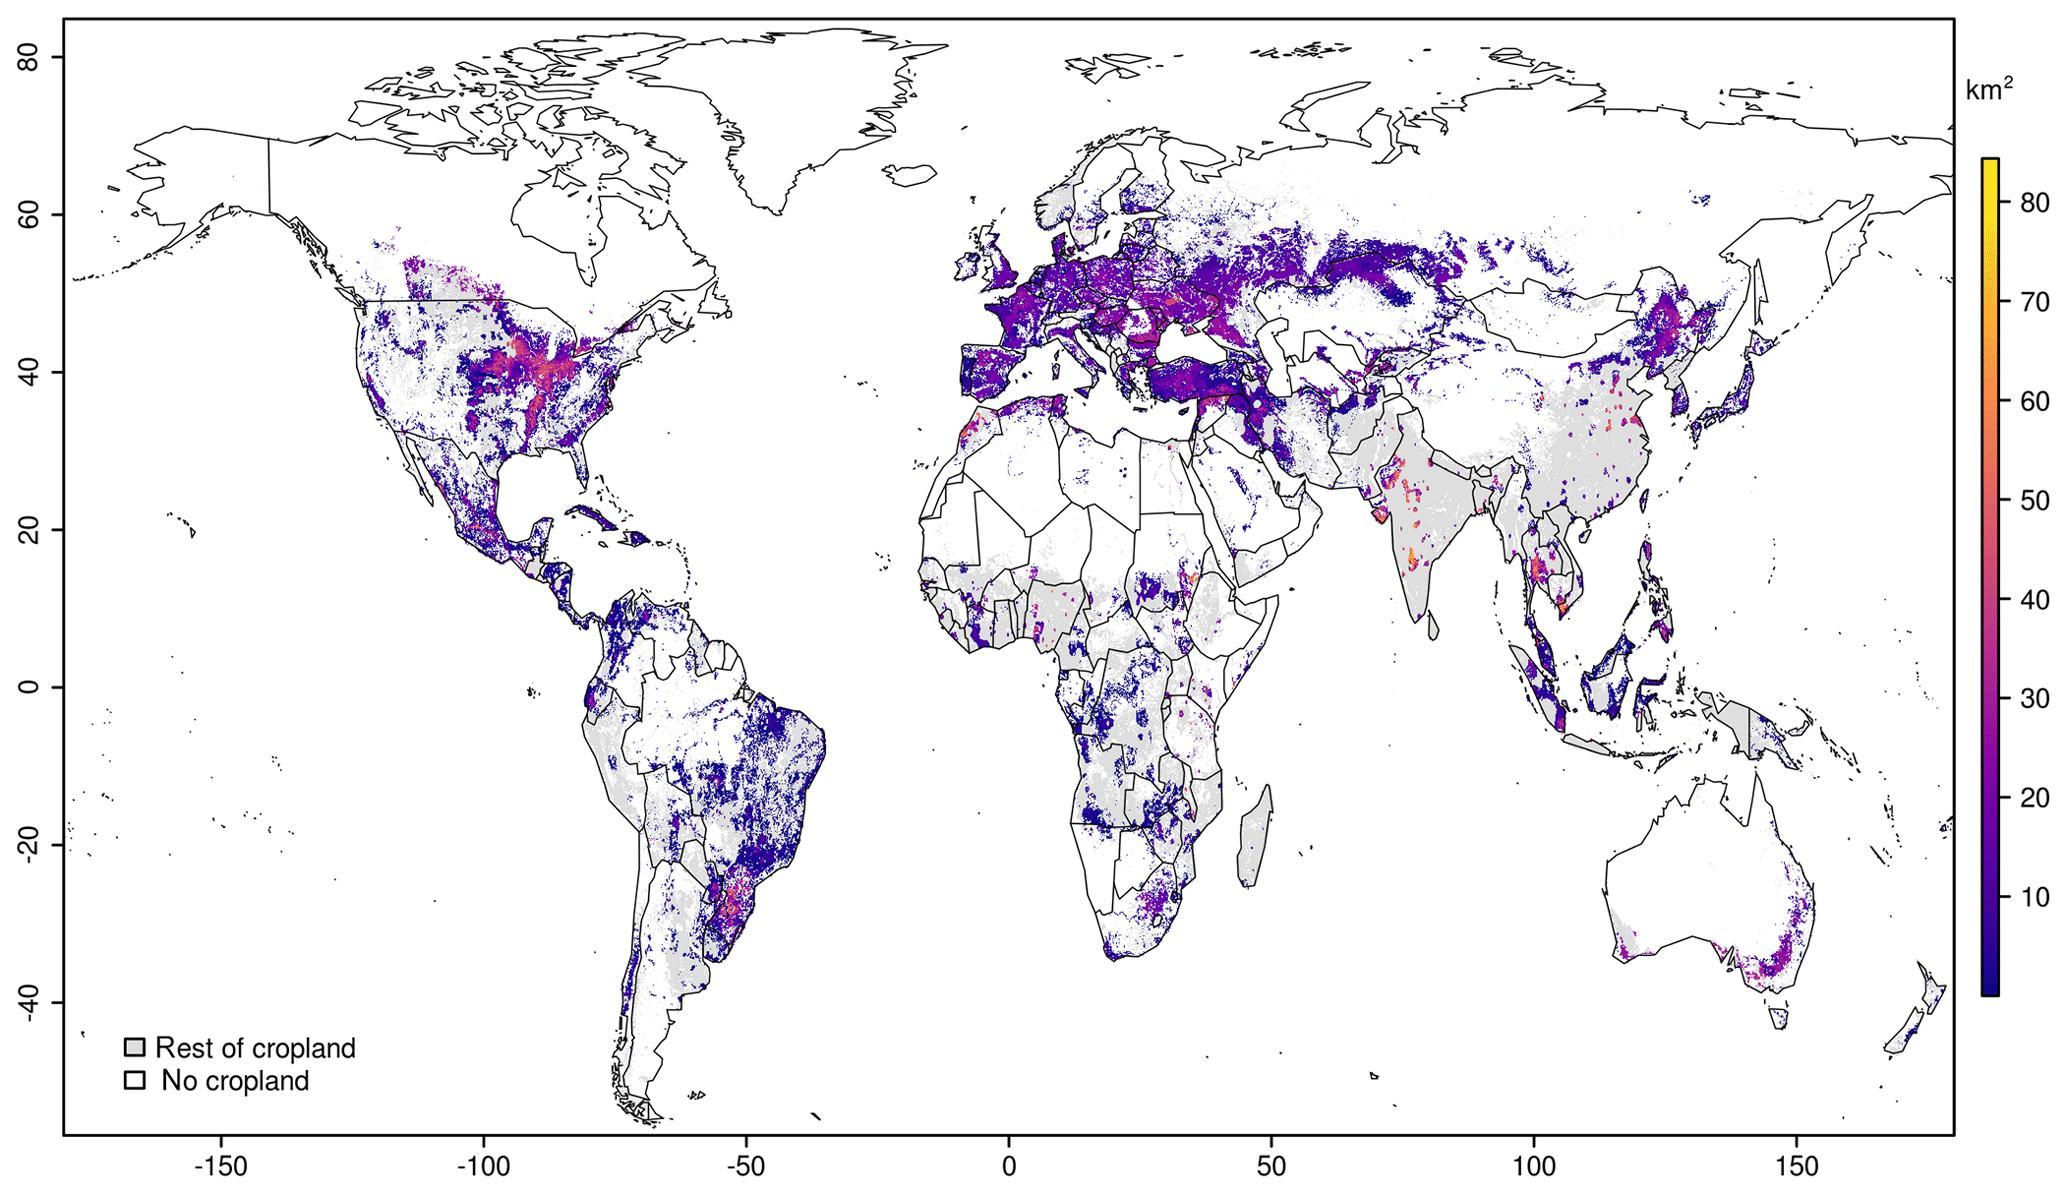 ESSD - Generating a rule-based global gridded tillage dataset